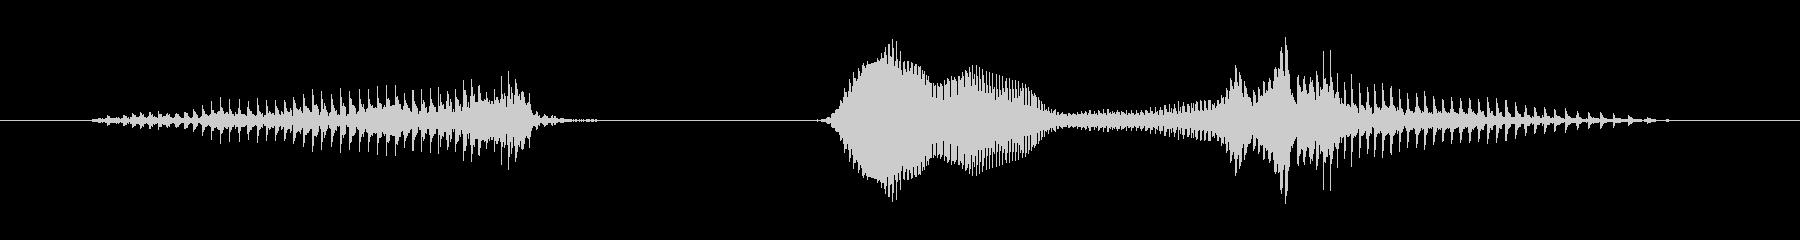 やったぜ_低音の未再生の波形